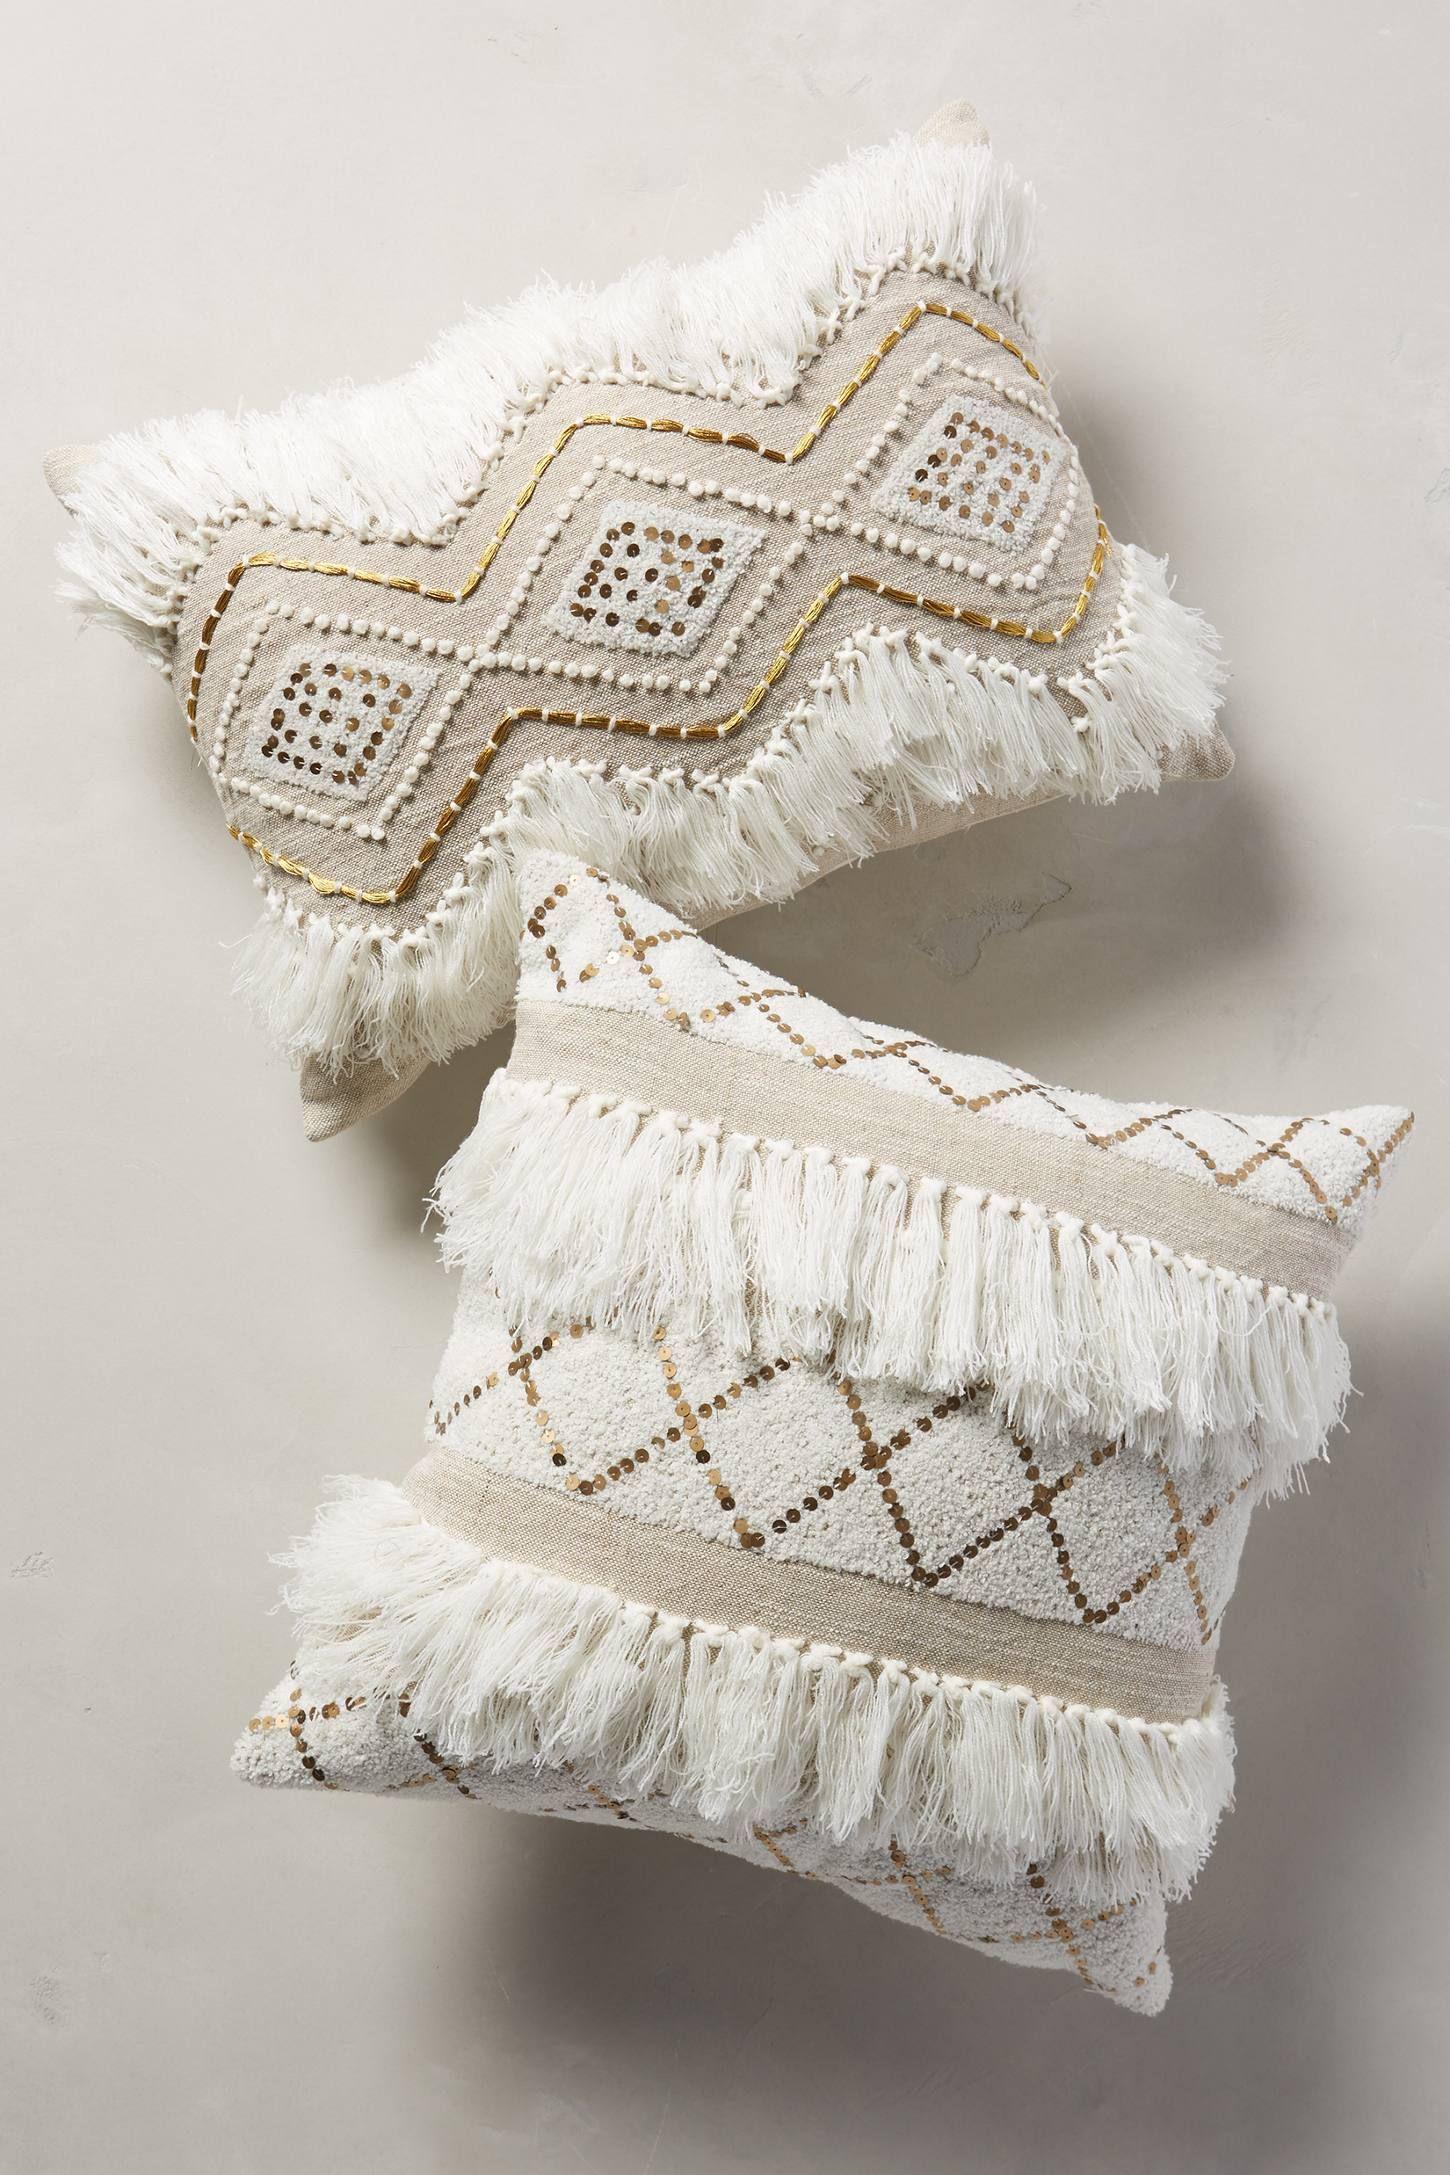 Moroccan wedding pillow modern tuscan pillows bedroom home decor